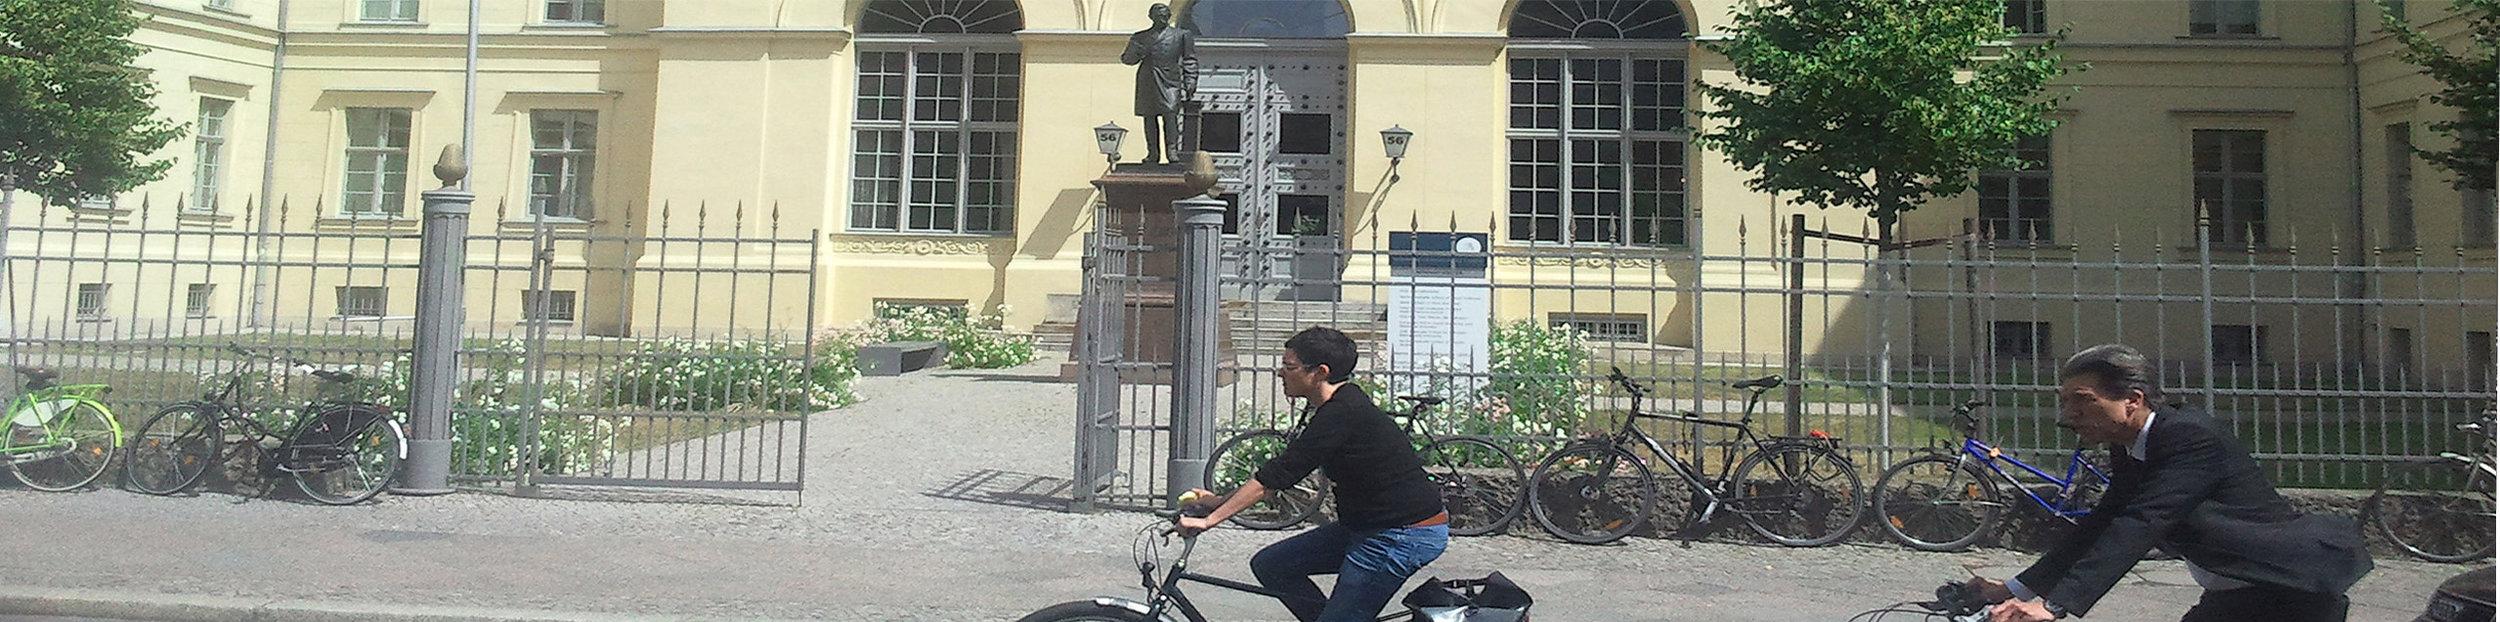 BMSEK_Bilder_HU Graduate School 2_OPT_2014-06-18 14_STREIFEN 900p hoch mit Fahrrädern.jpg